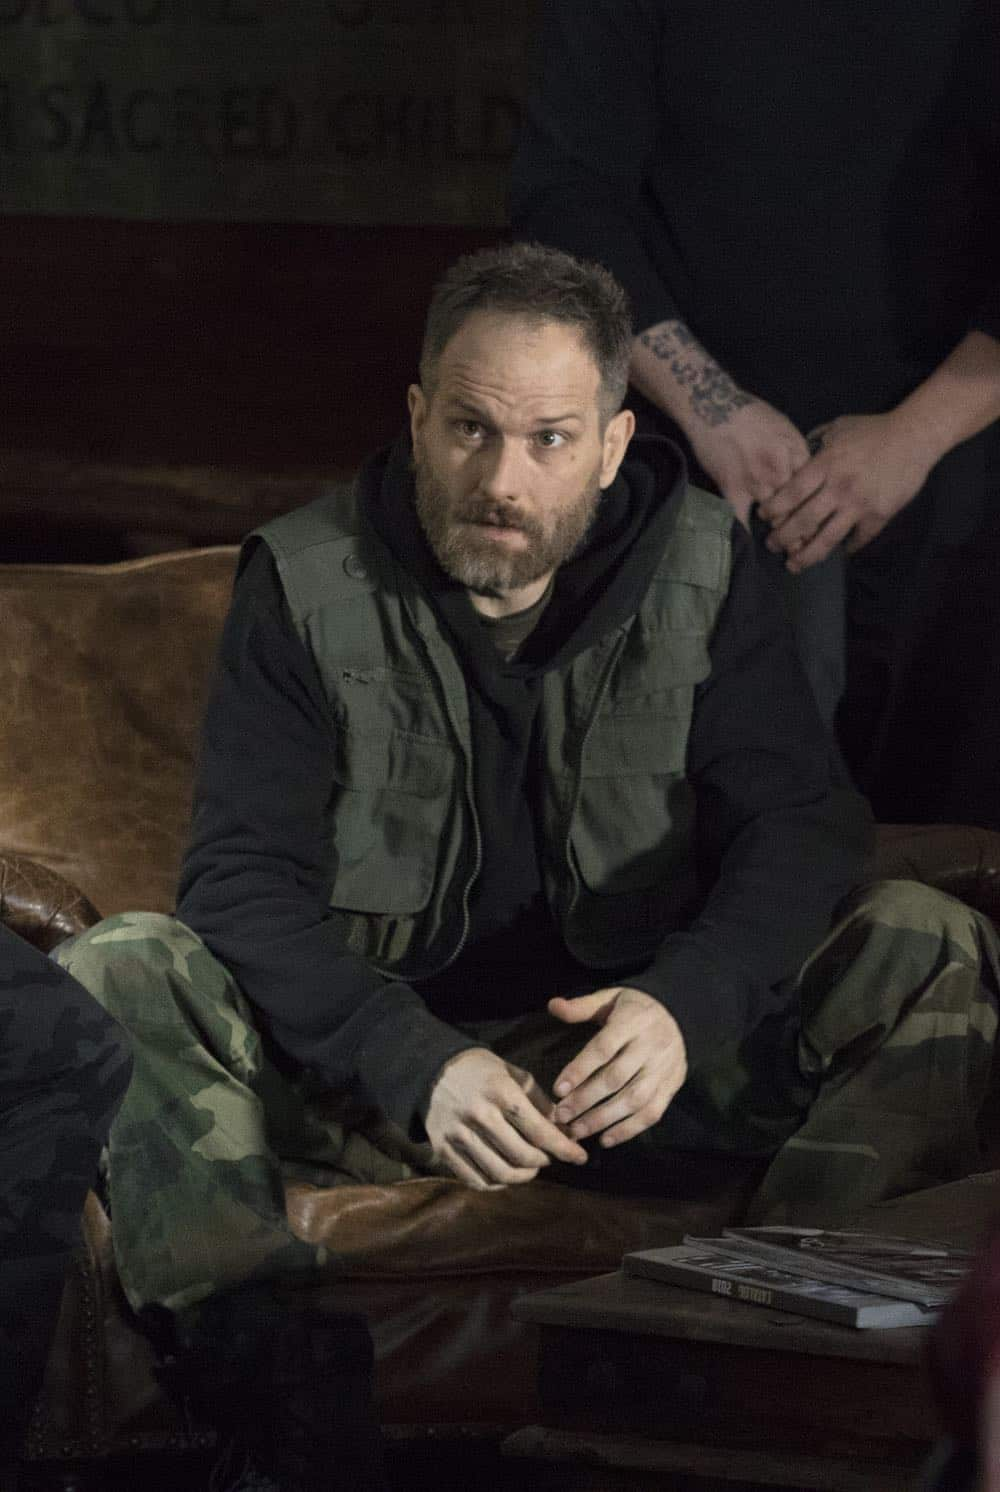 Quantico Episode 2 Season 3 Fear And Flesh 06